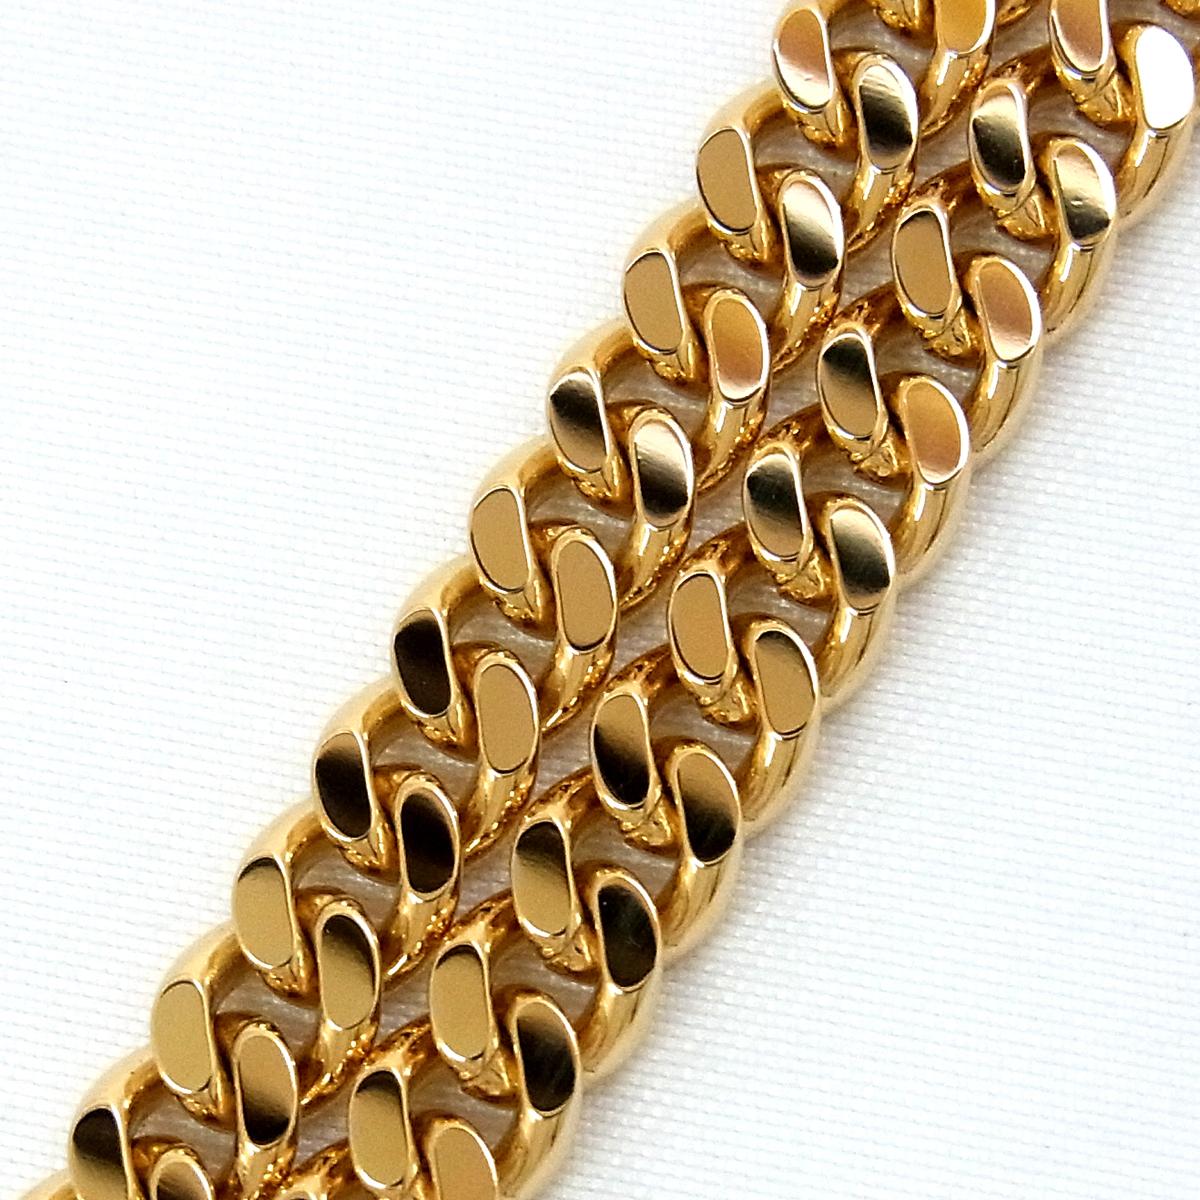 展示品 K18 喜平 2面 シングル ブレスレット 20.2g 長さ:18cm 幅:5.3mm イエロー ゴールド 造幣局刻印 ∞_画像2